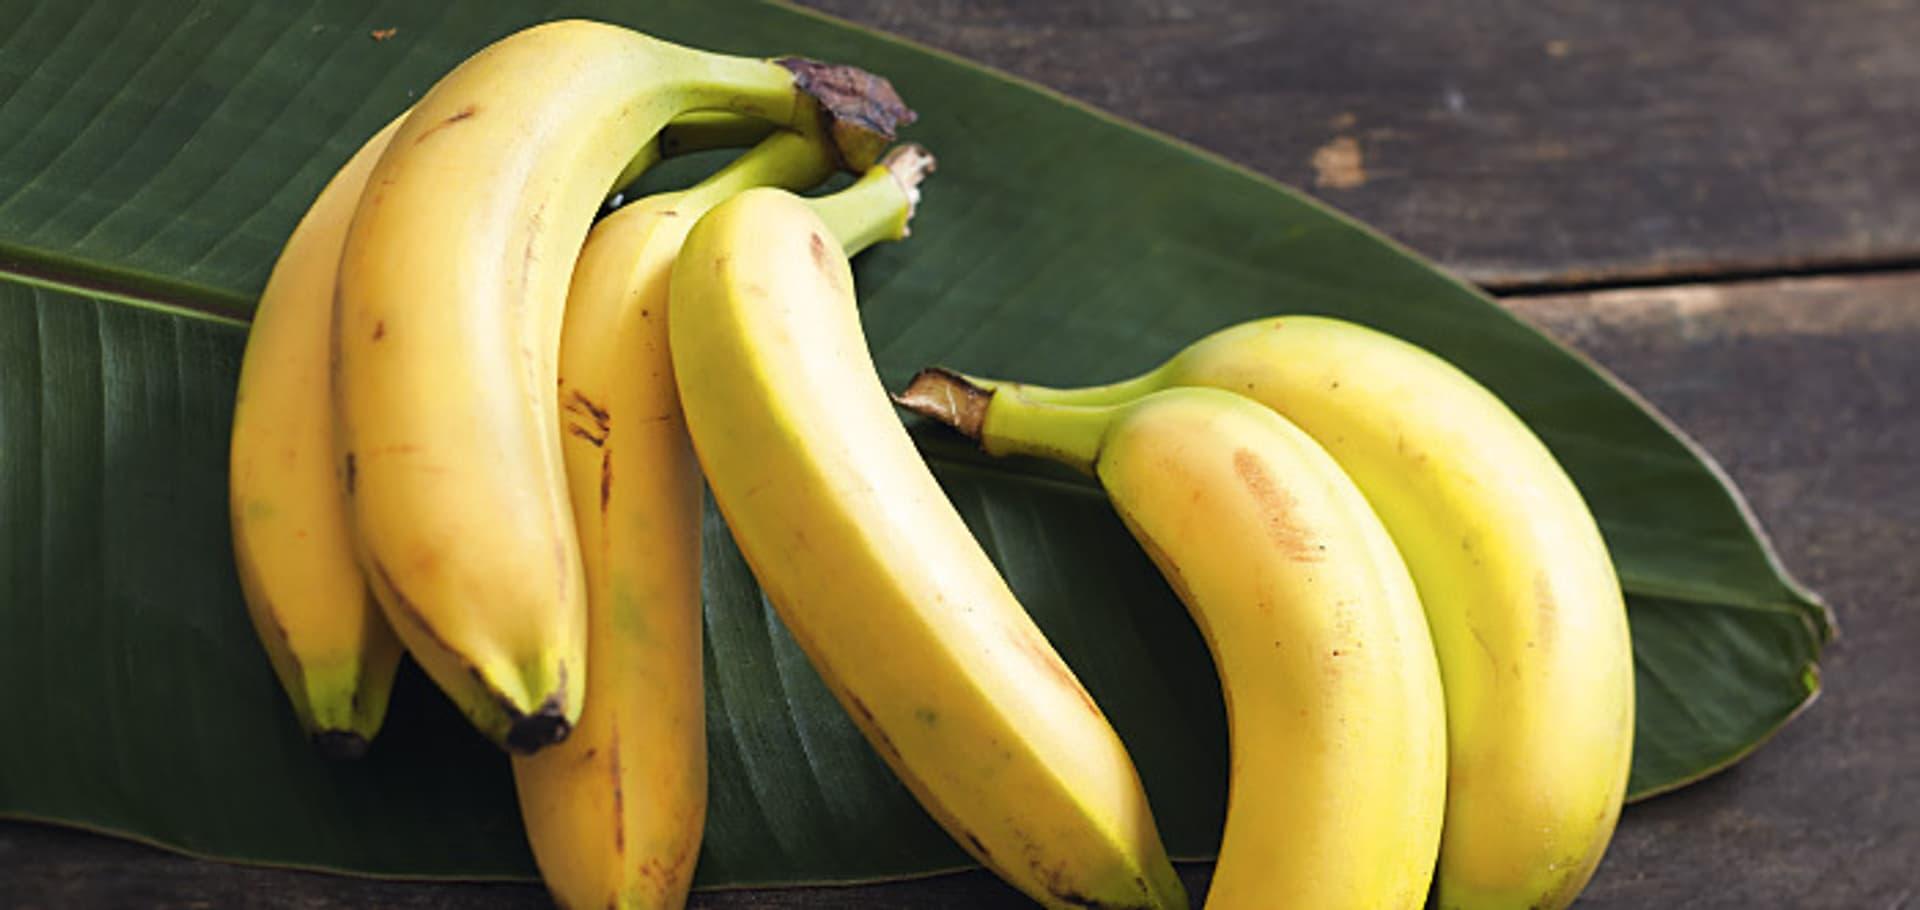 Mit Bananen kochen Tipps, Tricks und Rezepte   Schrot&Korn